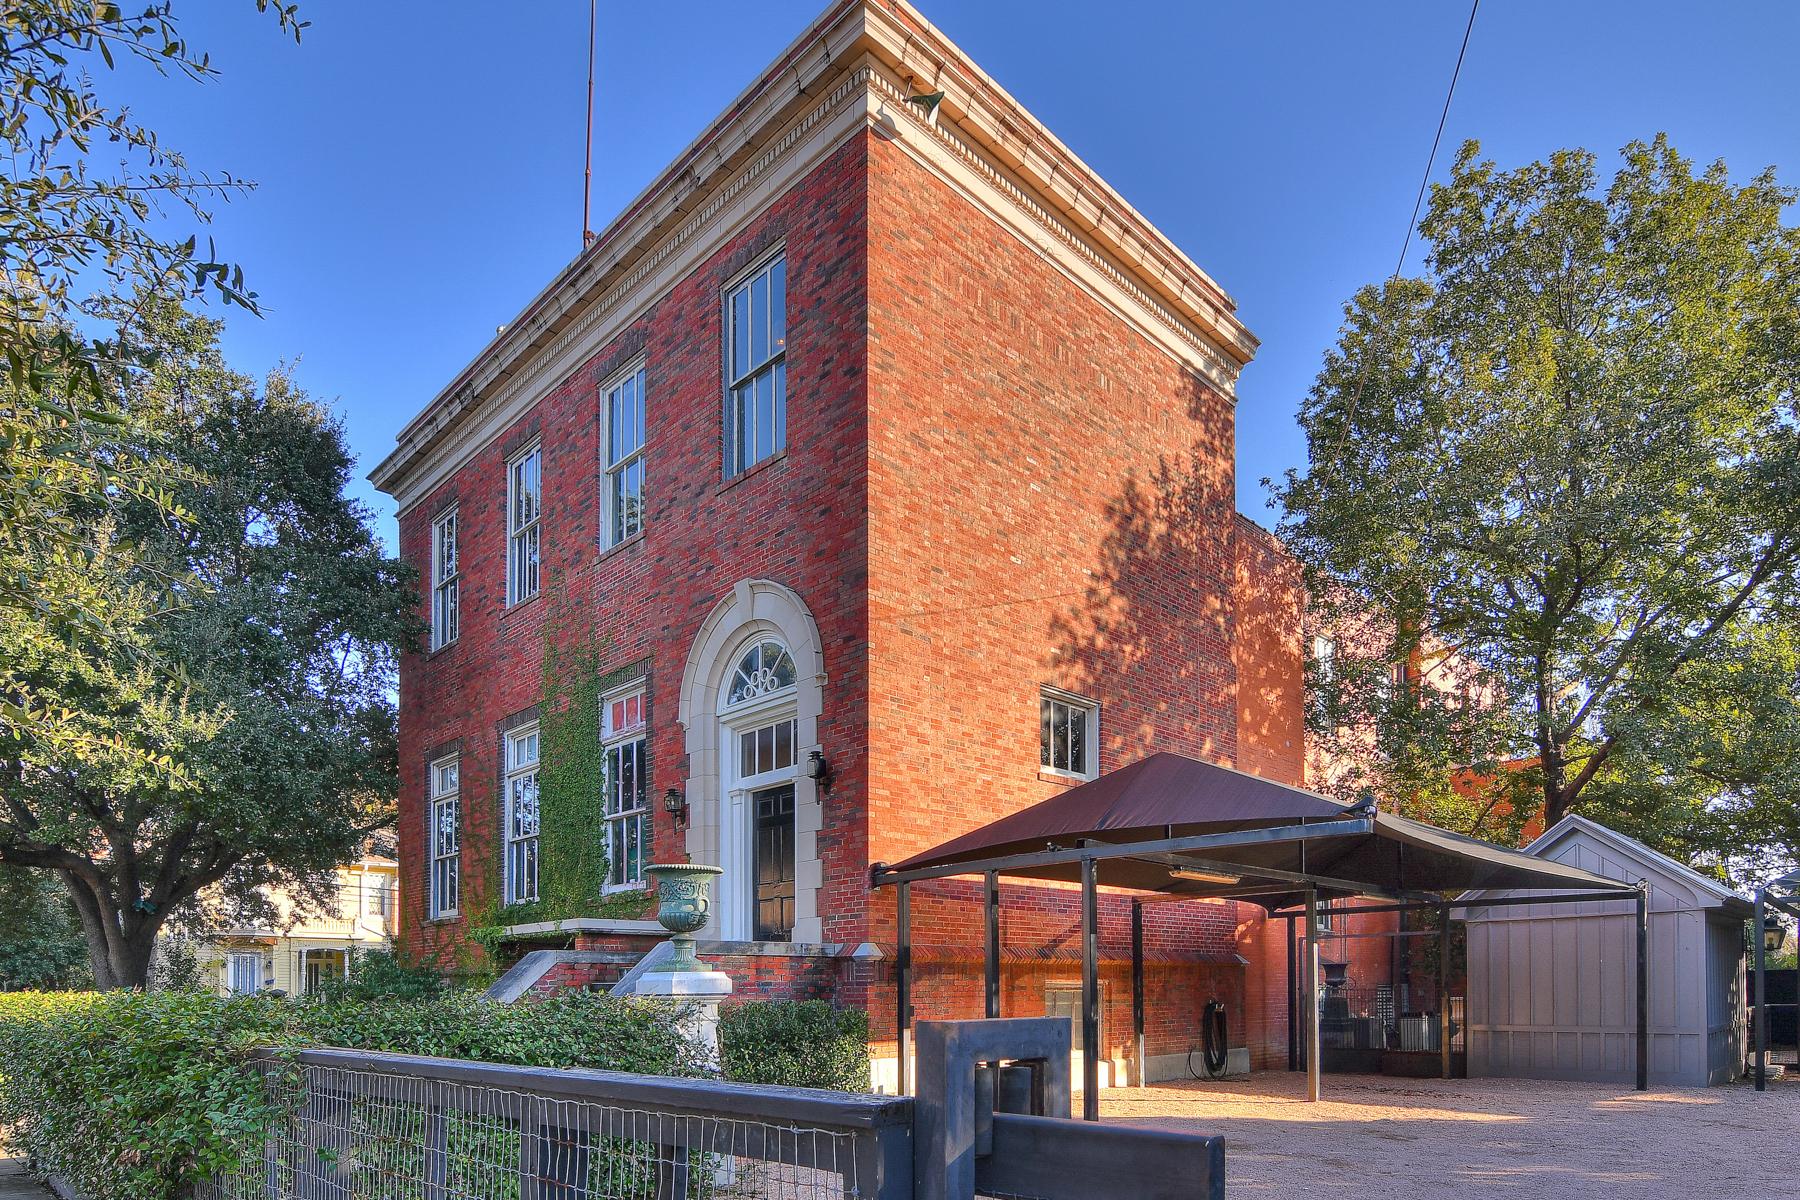 一戸建て のために 売買 アット Historic Bellhouse Building in Alta Vista 502 W Mistletoe Ave Alta Vista, San Antonio, テキサス, 78212 アメリカ合衆国